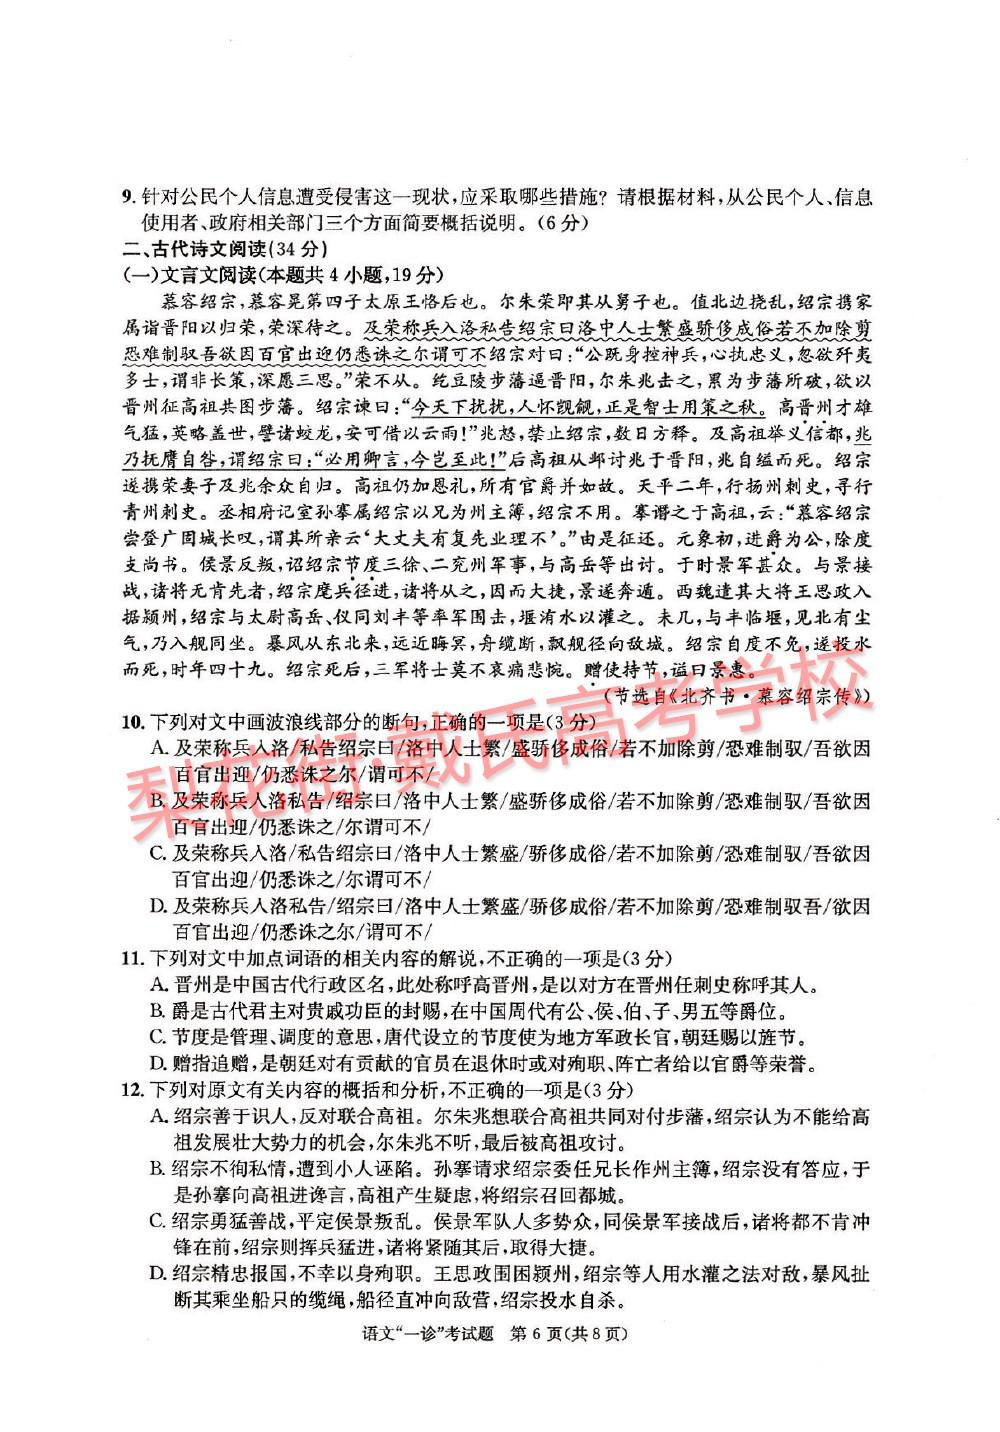 成都戴氏高考2012_1545645055679080.jpg